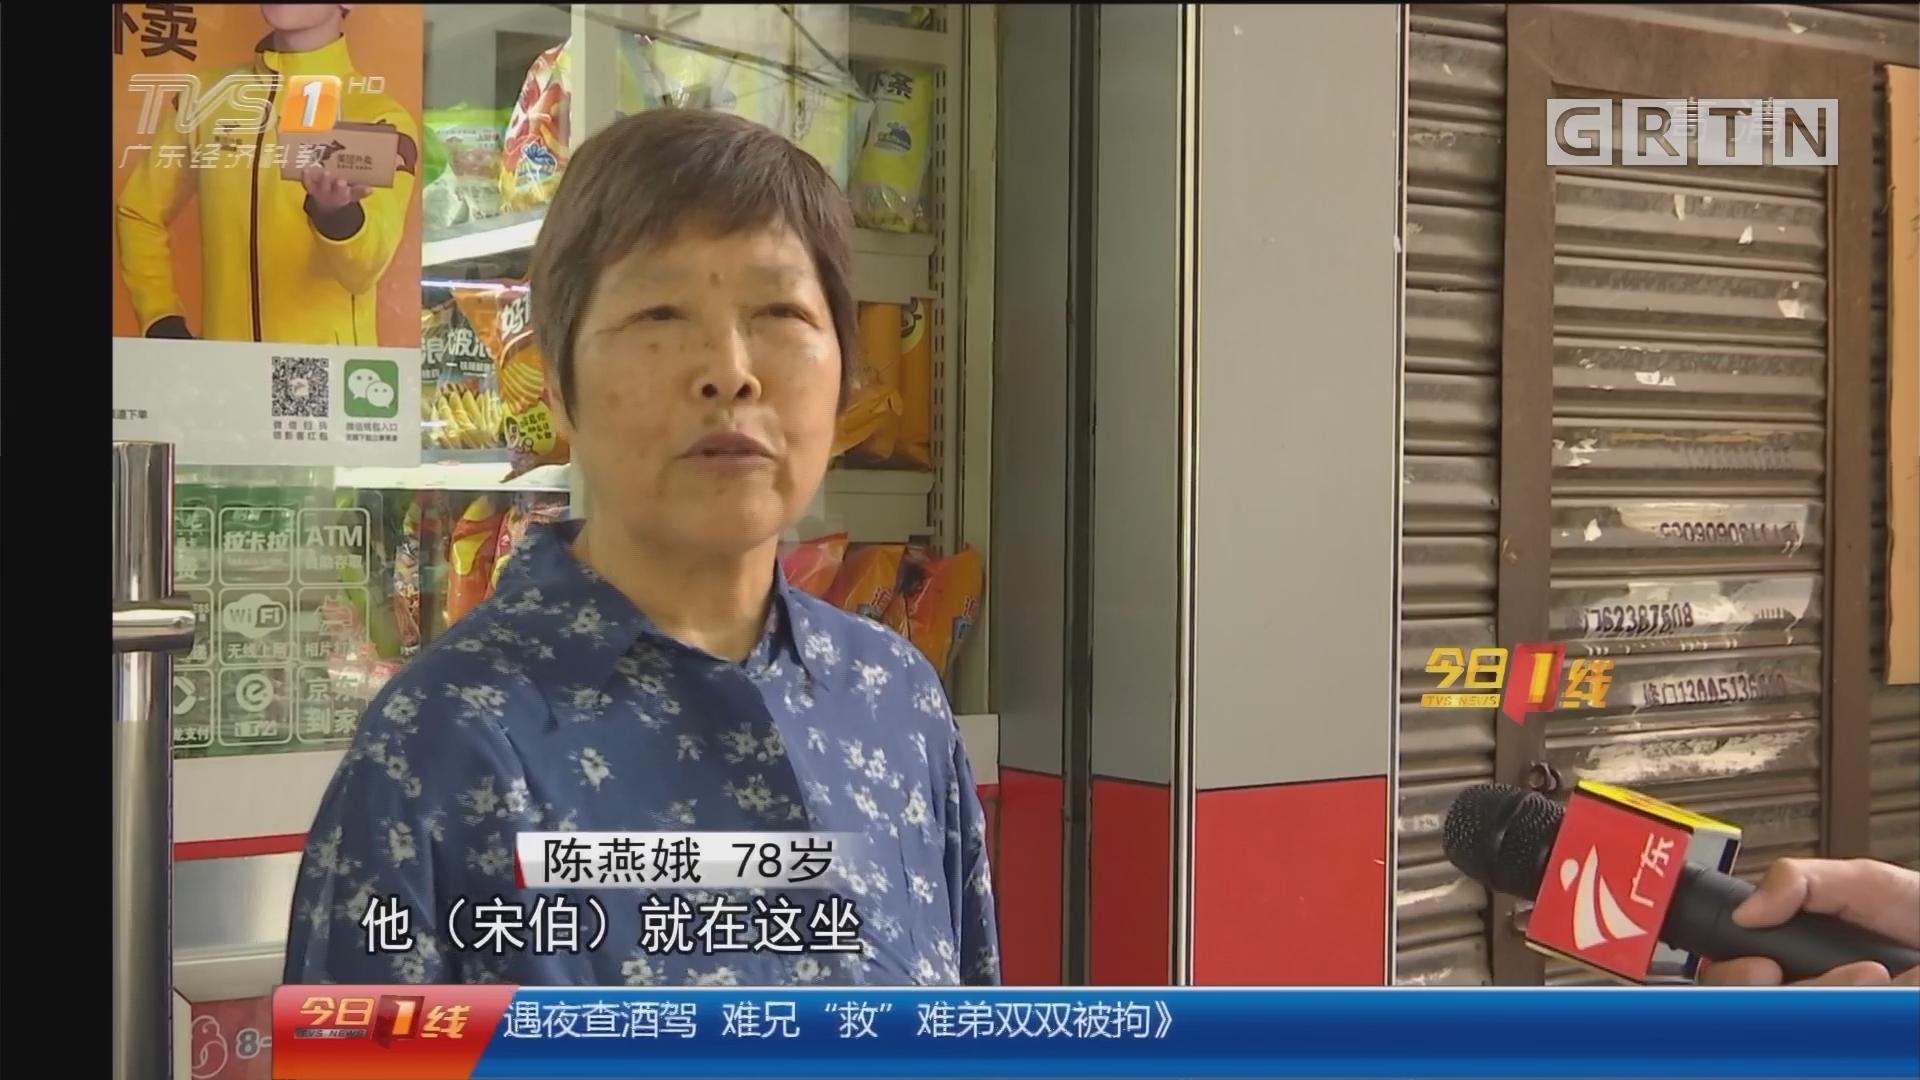 广州荔湾:古稀老夫妻 义务指路十五载